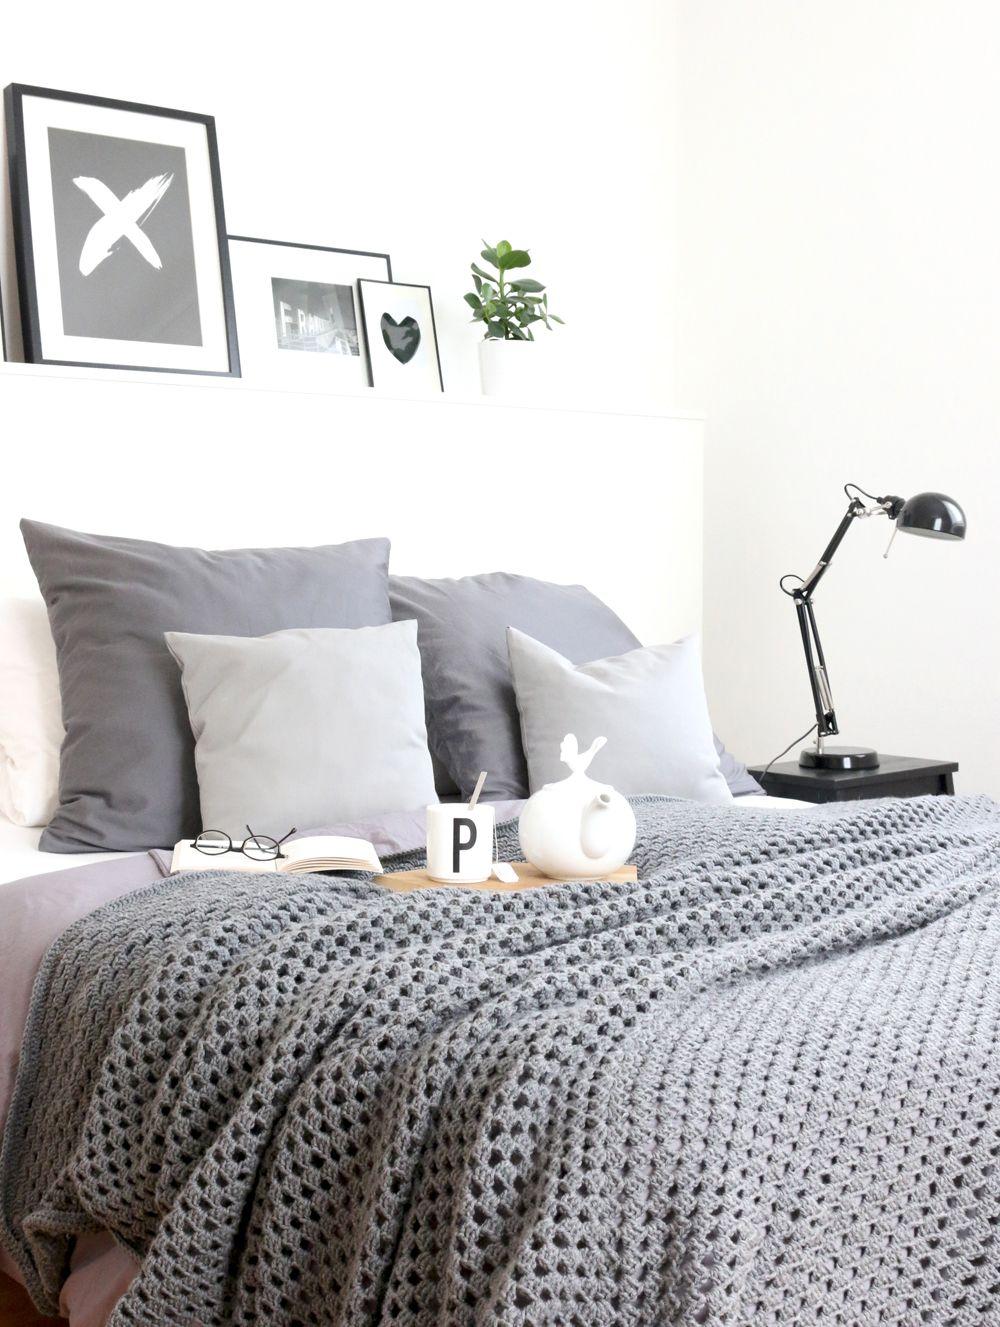 Diy Haekeldecke 4 Small Haken Pinterest Bett Deckchen Und Kissen